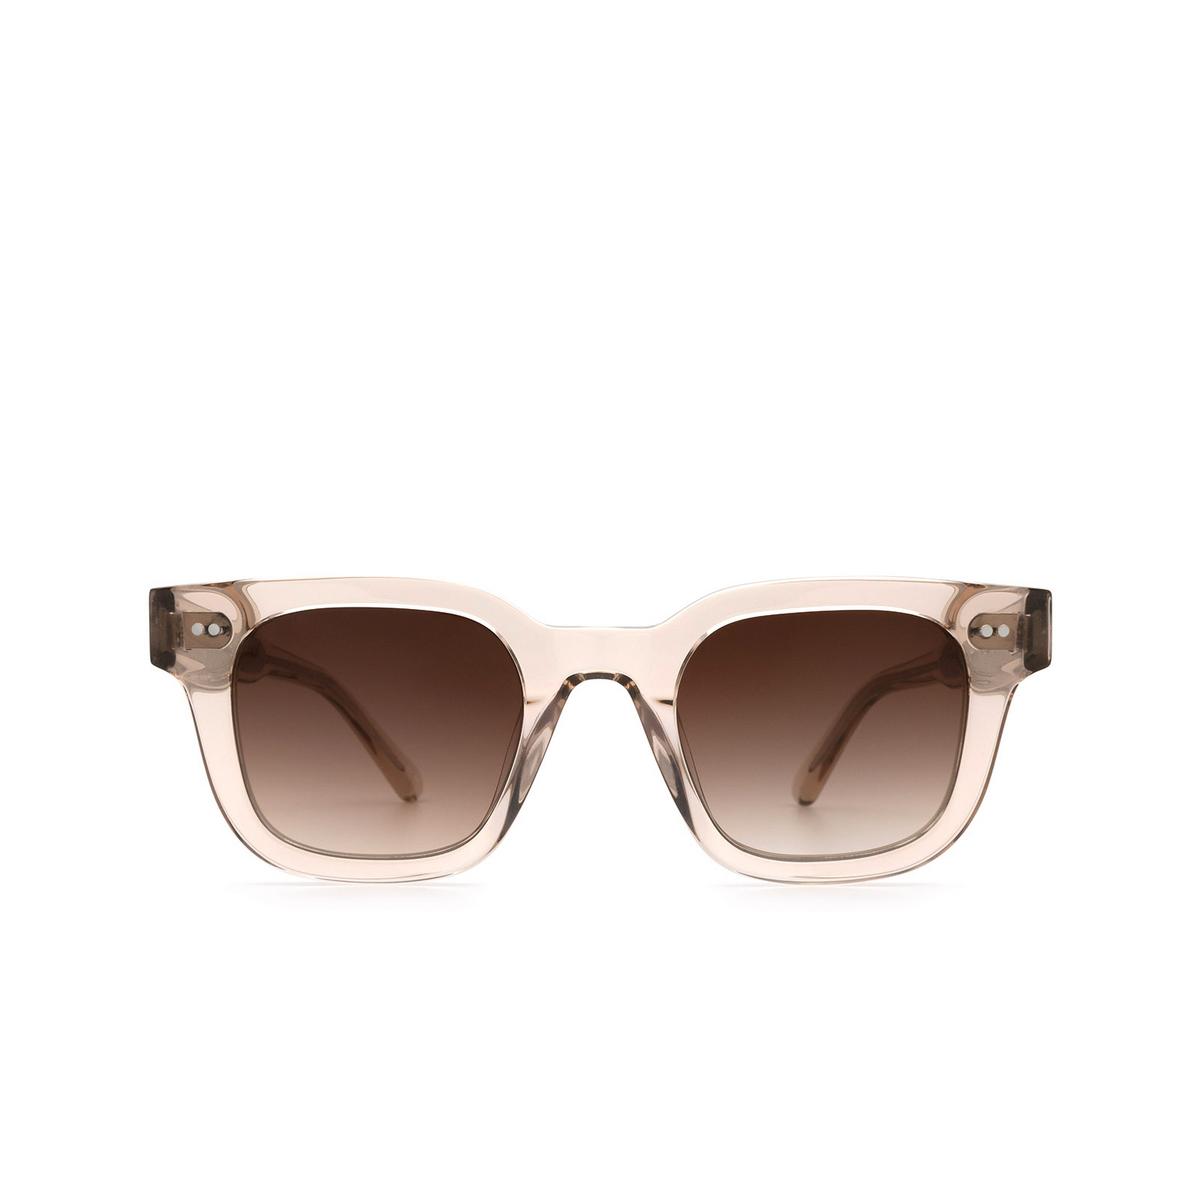 Chimi® Square Sunglasses: 04 color Ecru - front view.